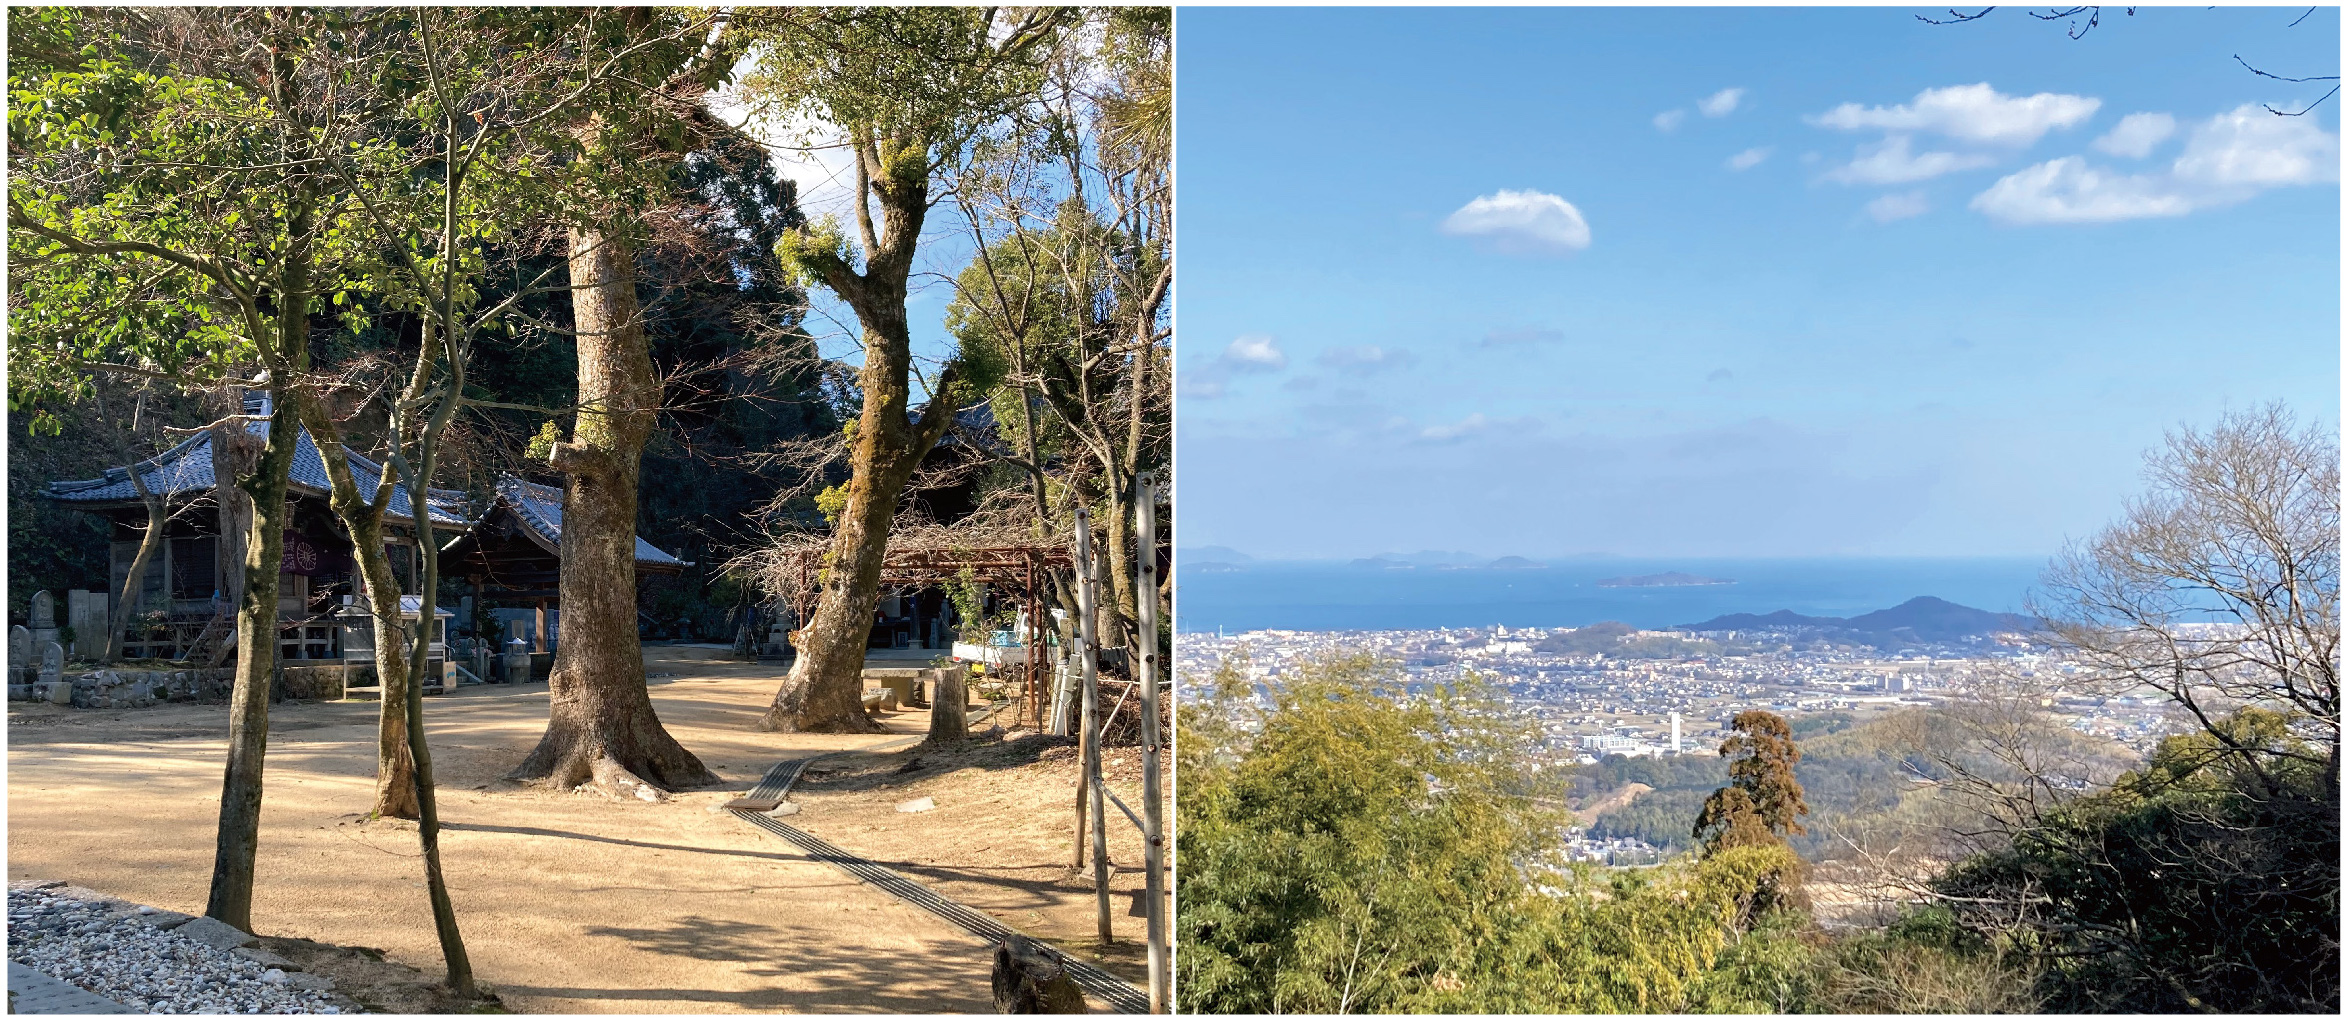 仙遊寺境内と眺望